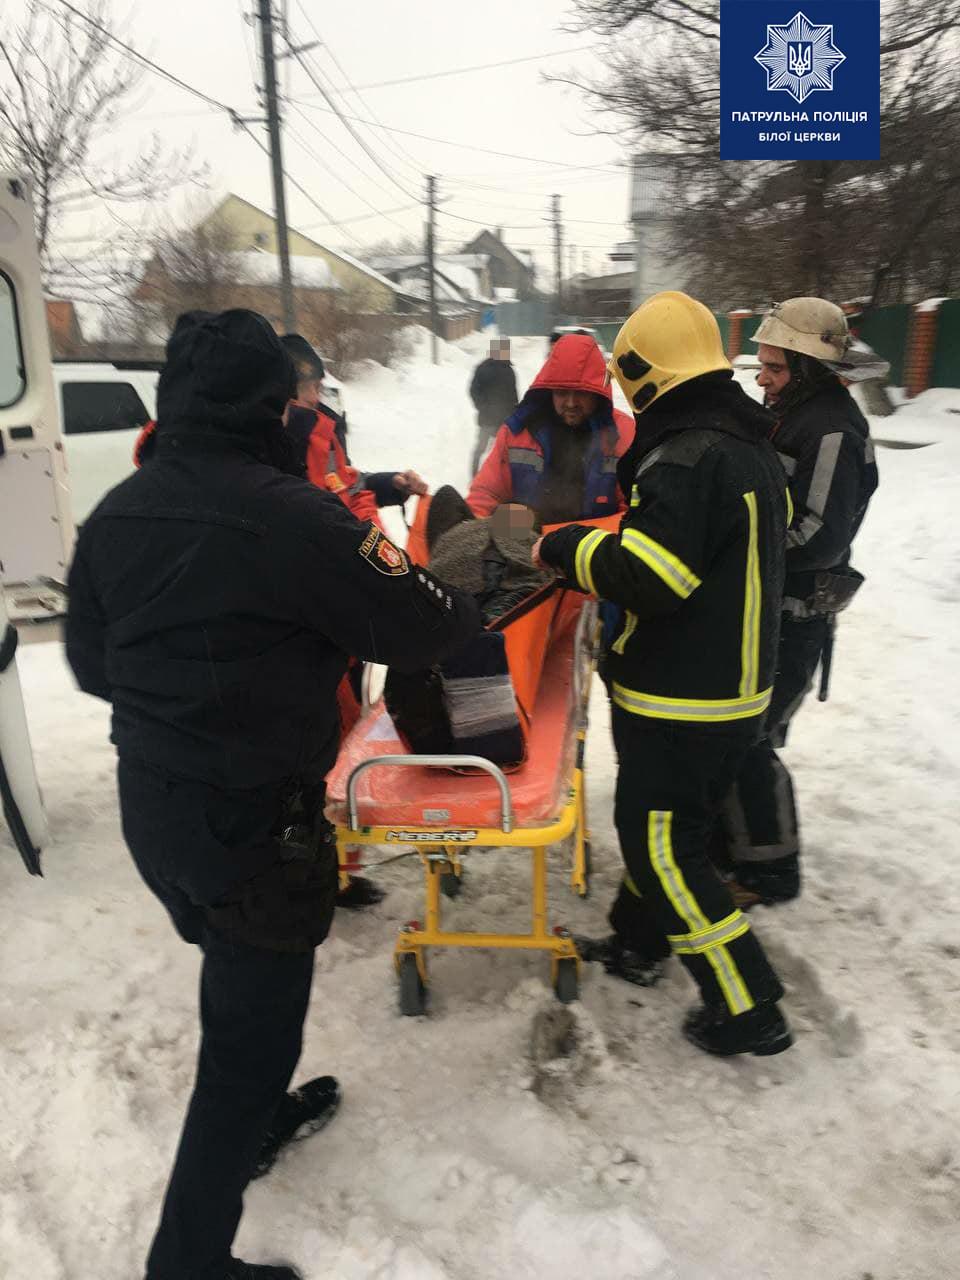 Біла Церква: рятувальники й патрульні врятували жінку з пожежі - рятувальники, патрульні, загорання житлового будинку, жінка - 148092213 1907117596121958 8219967185195969833 o